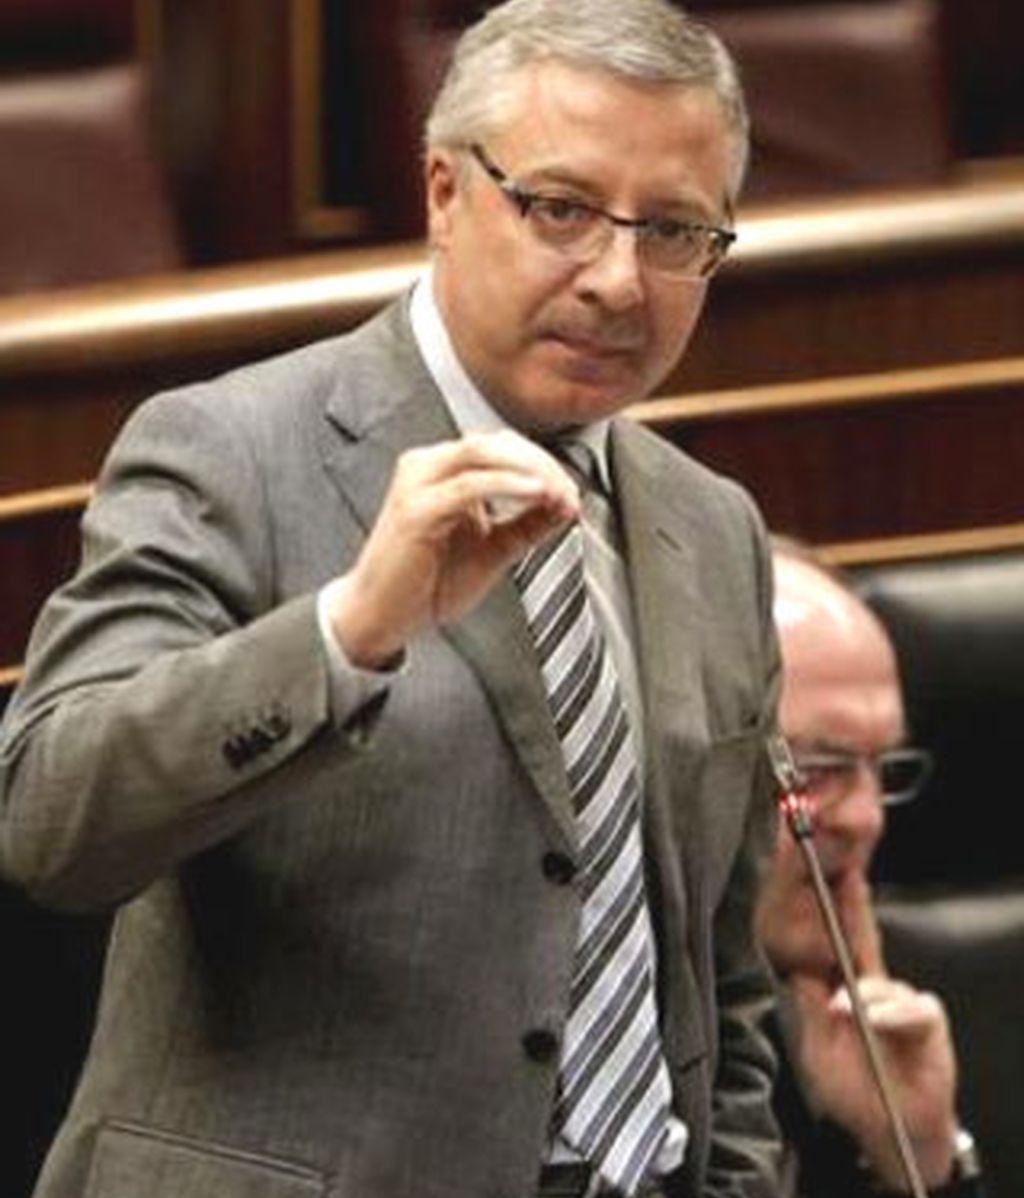 El ministro ha contestado a la declaración de la izquierda abertzale que culpa a ETA del bloqueo en las negociaciones. Foto: EFE